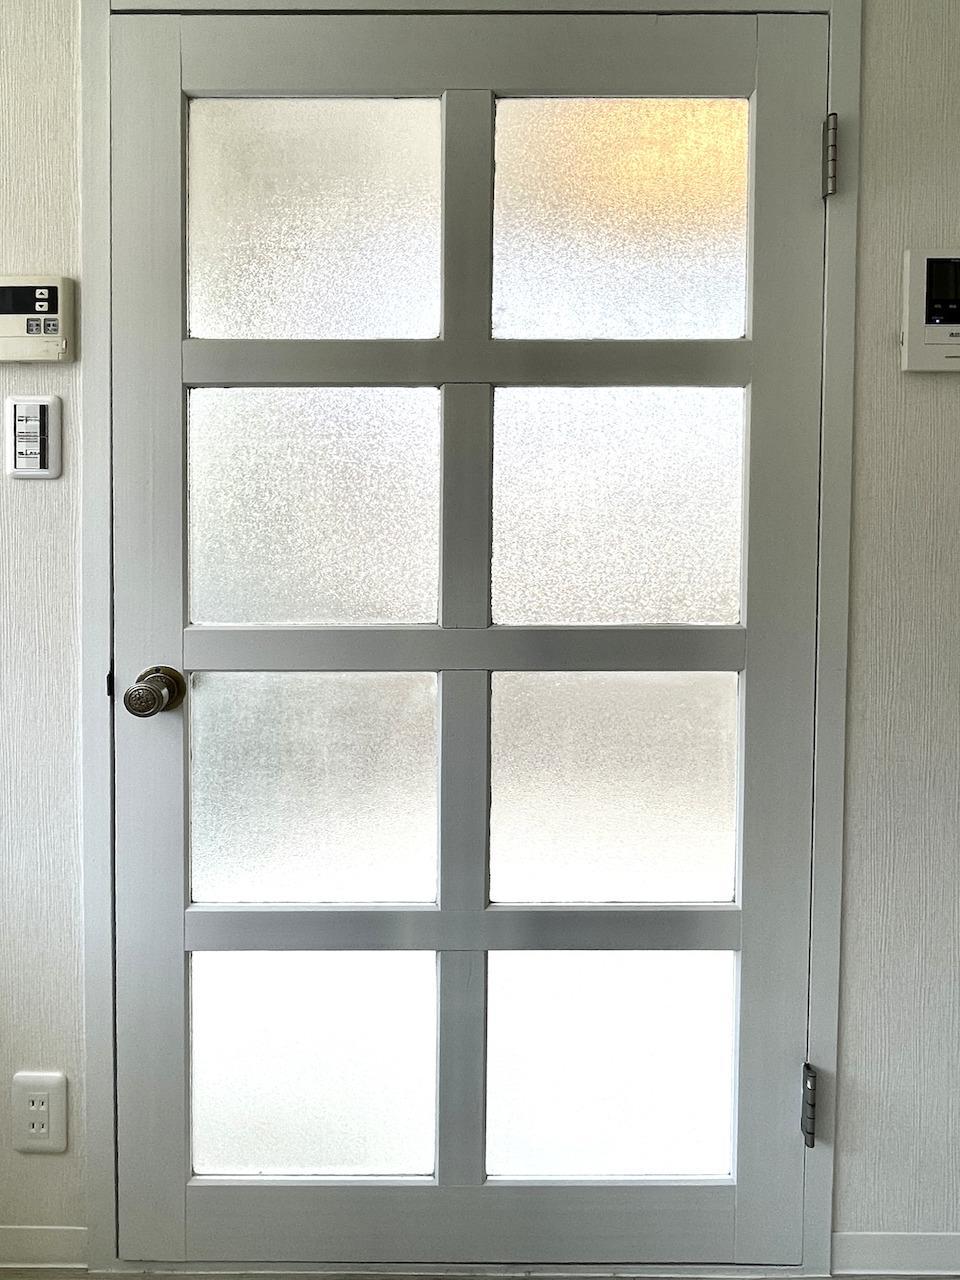 昔の名残のドア。なんかドテっとして可愛い。